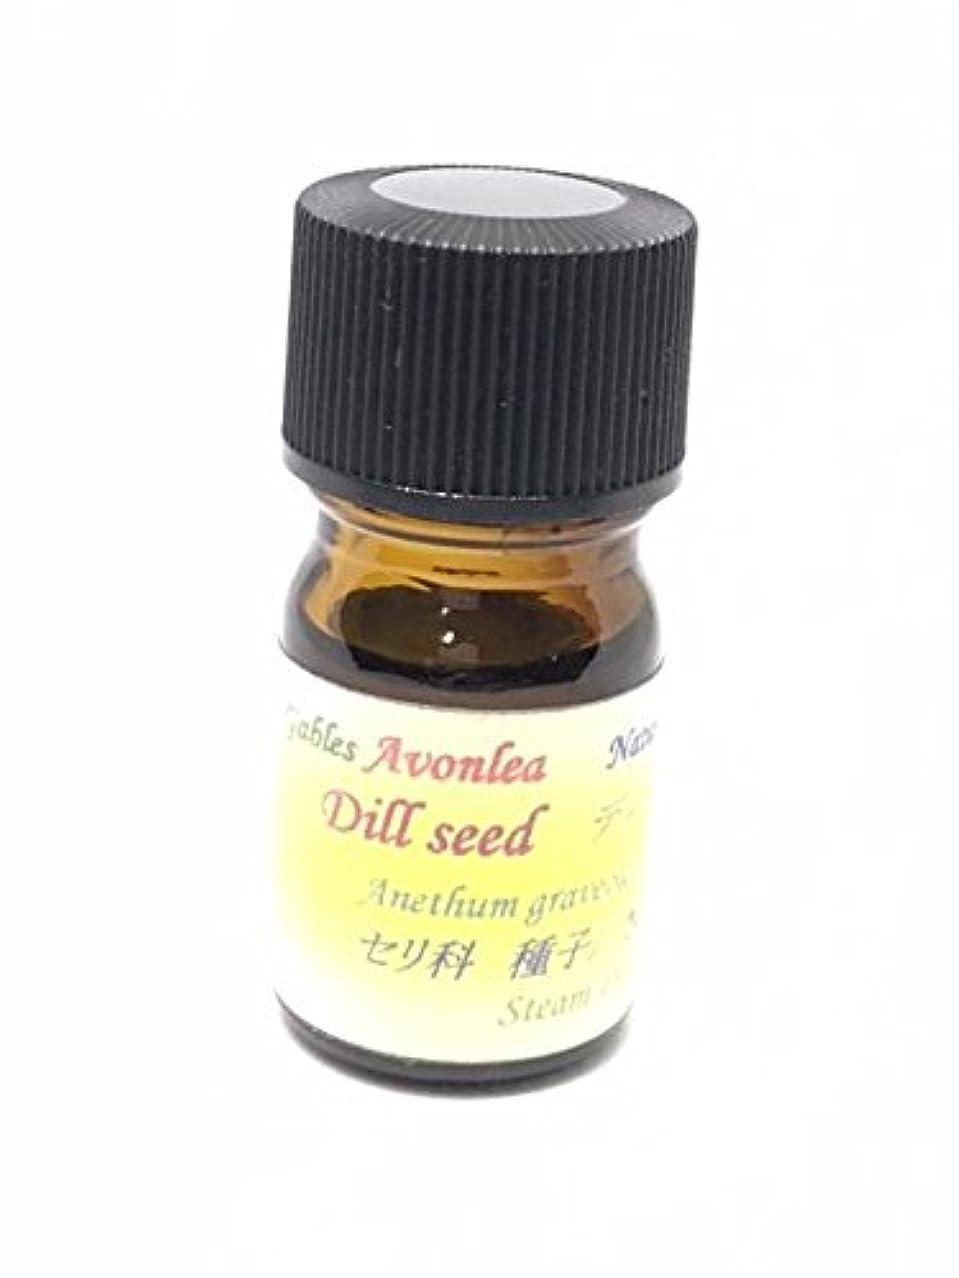 テンションメイド重なるディルシード Dill seed (10ml)